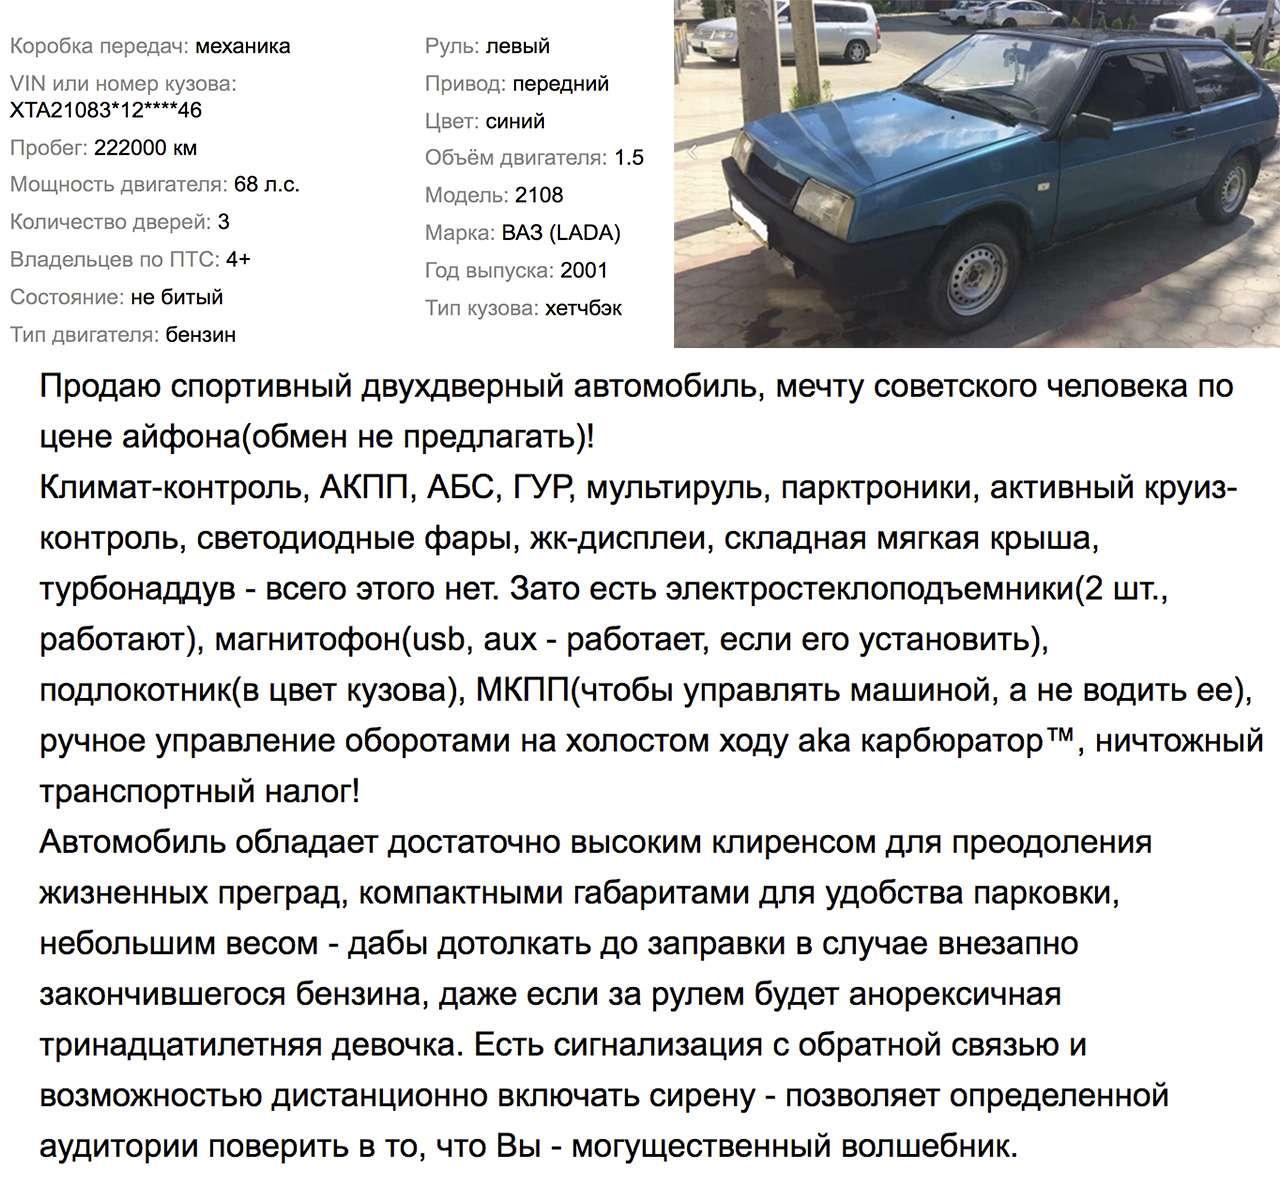 12способов продать автомобиль спомощью смешного описания— фото 931793